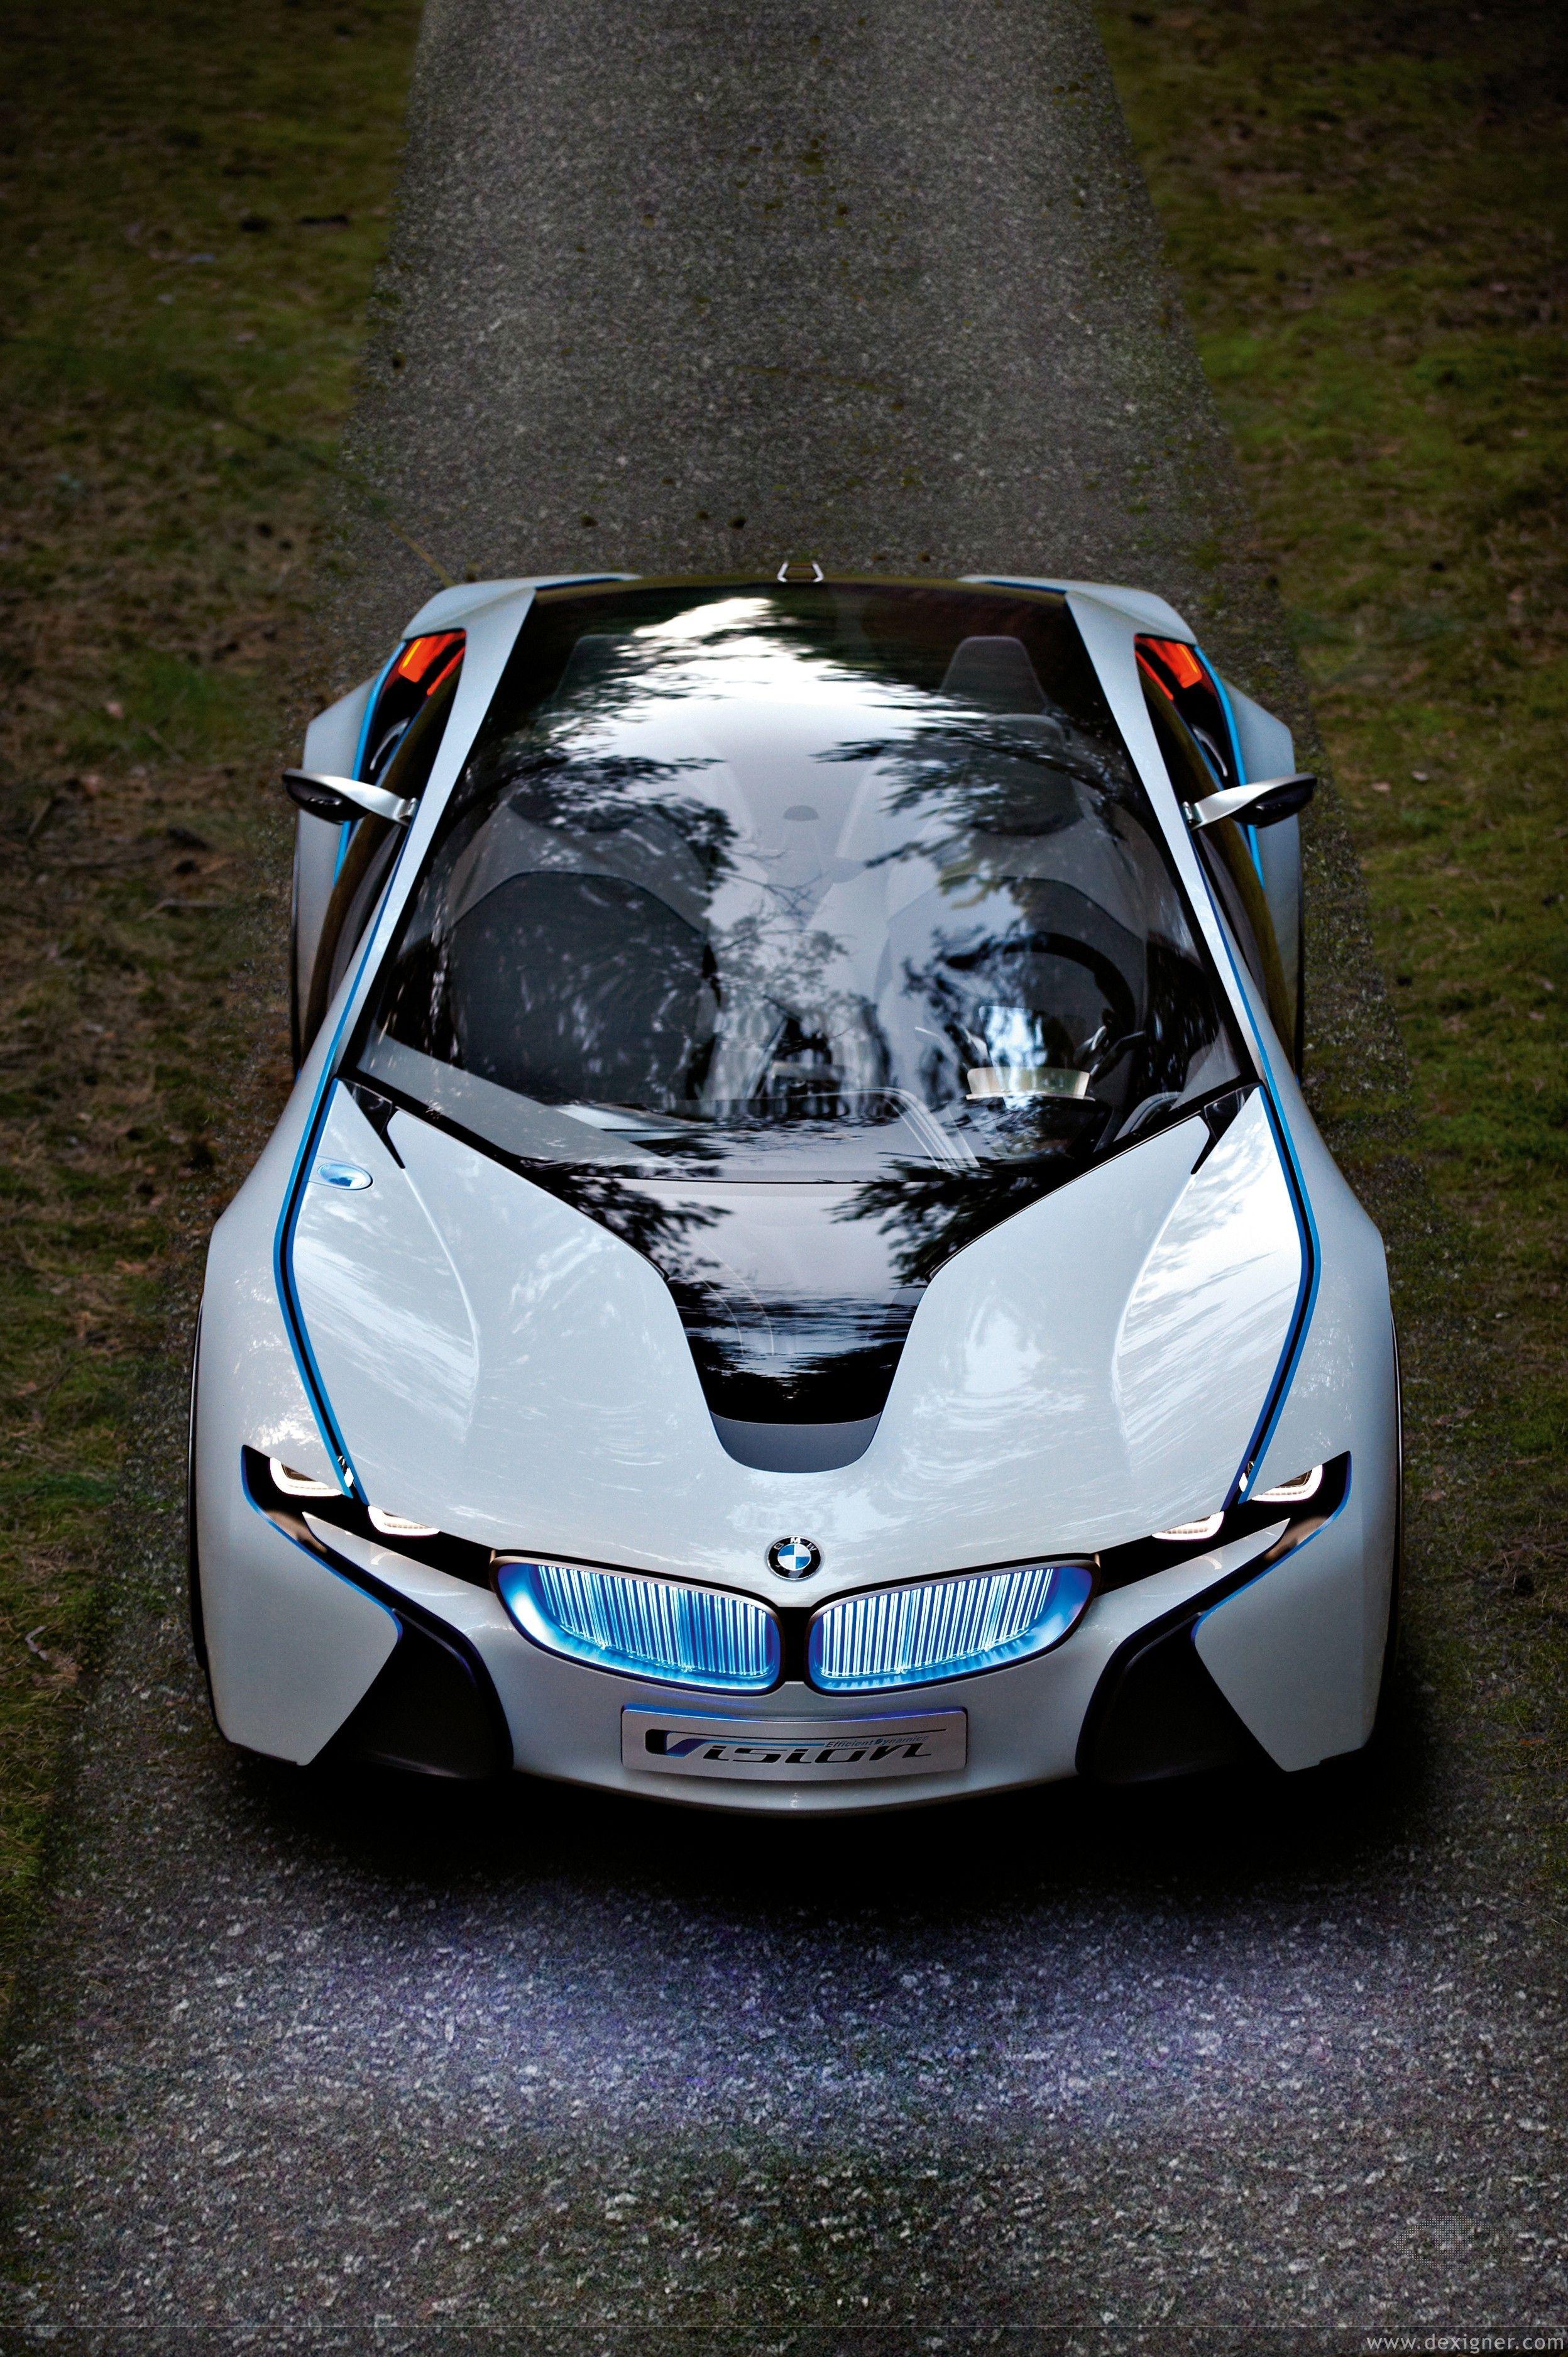 Bmw Vision Efficientdynamics Sports Cars Luxury Bmw Bmw Supercar